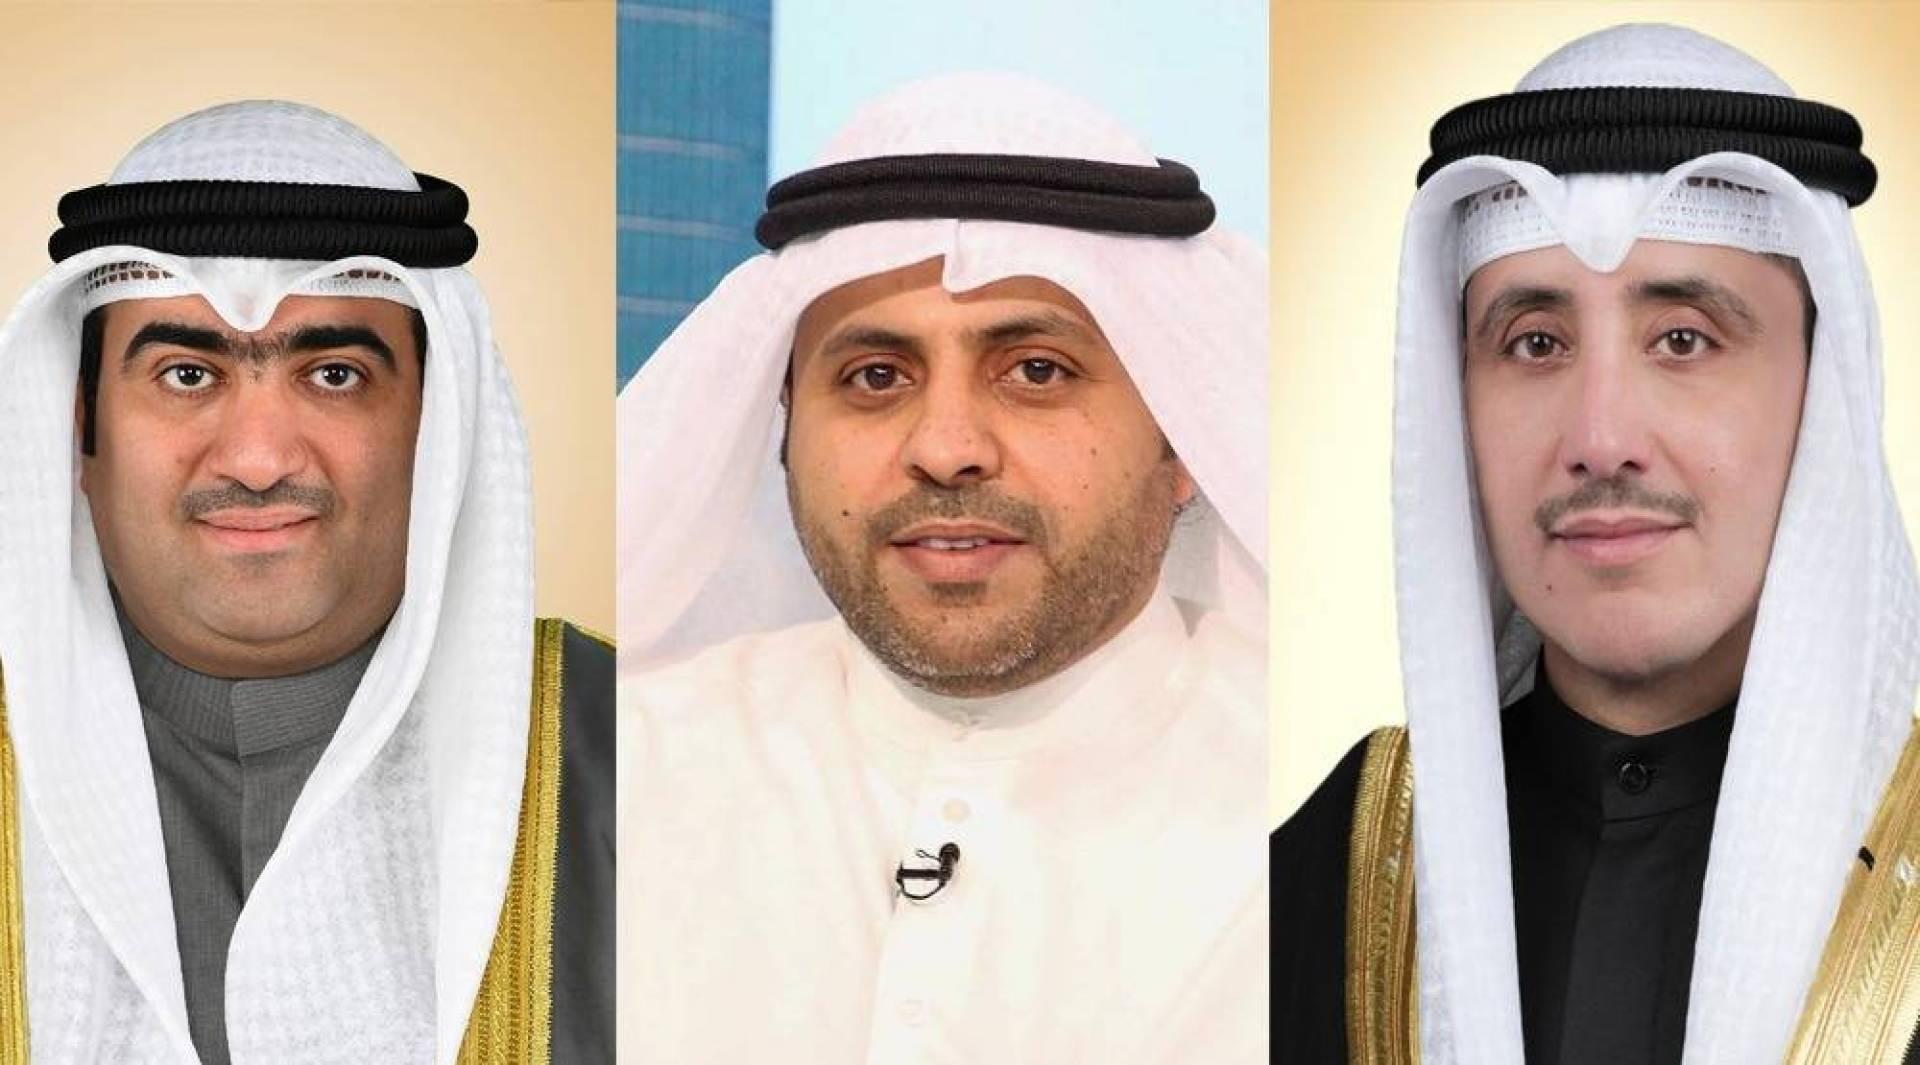 المزرم: قبول استقالة الوزير محمد الجبري